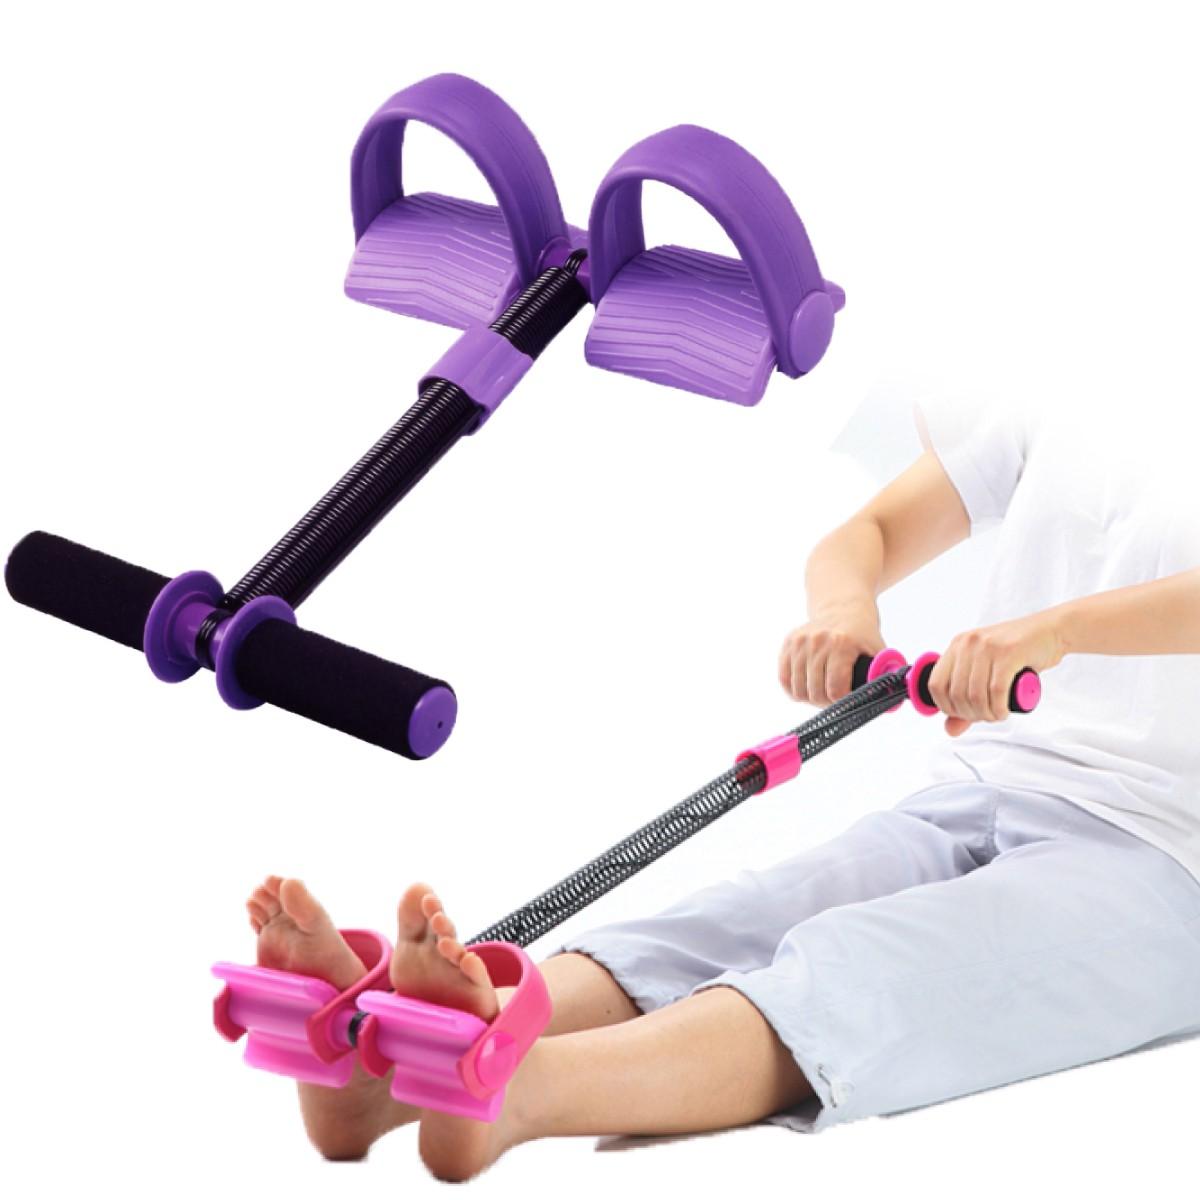 腹筋 マシン 腹筋 筋トレ 器具 シェイプアップトレーナー はね返り防止機付 パープル&ブラック ギフト プレゼント 贈り物 おしゃれ